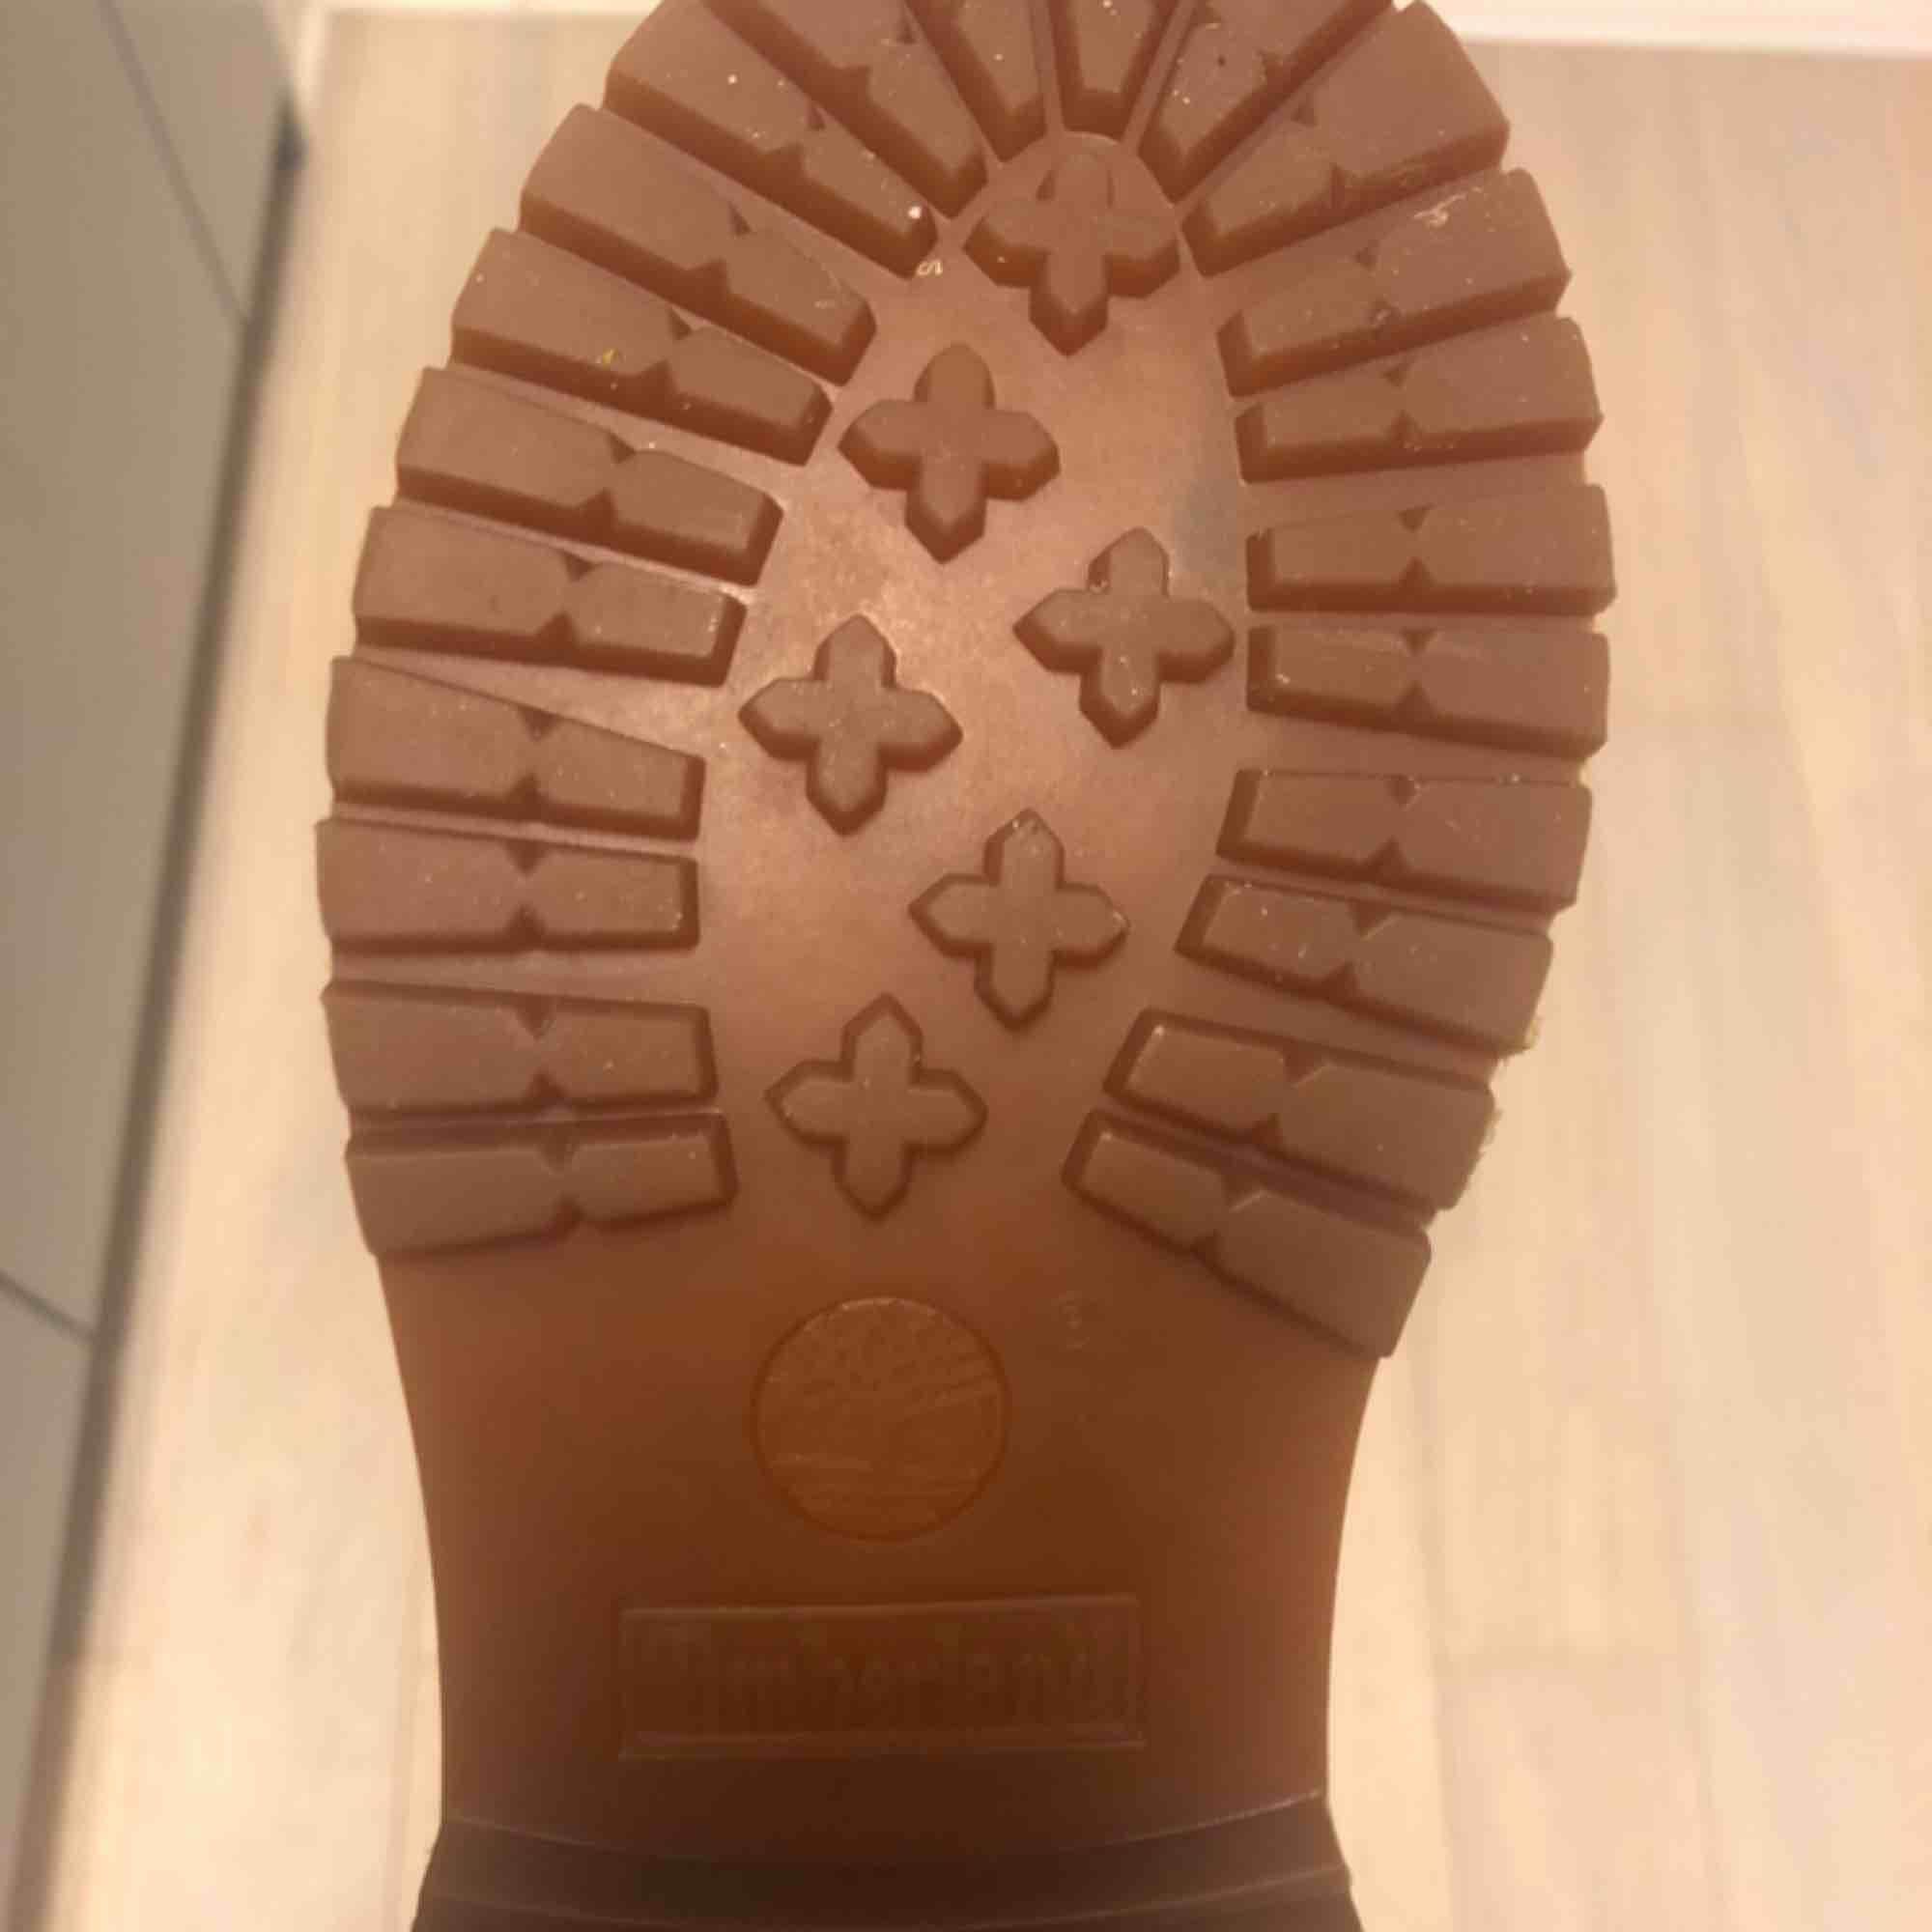 Timberland Icon Beige 6in Premium Boots - Wheat Storlek 36 Sparsamt använda Nypris: 1295:- Mitt pris: 800:-  . Skor.